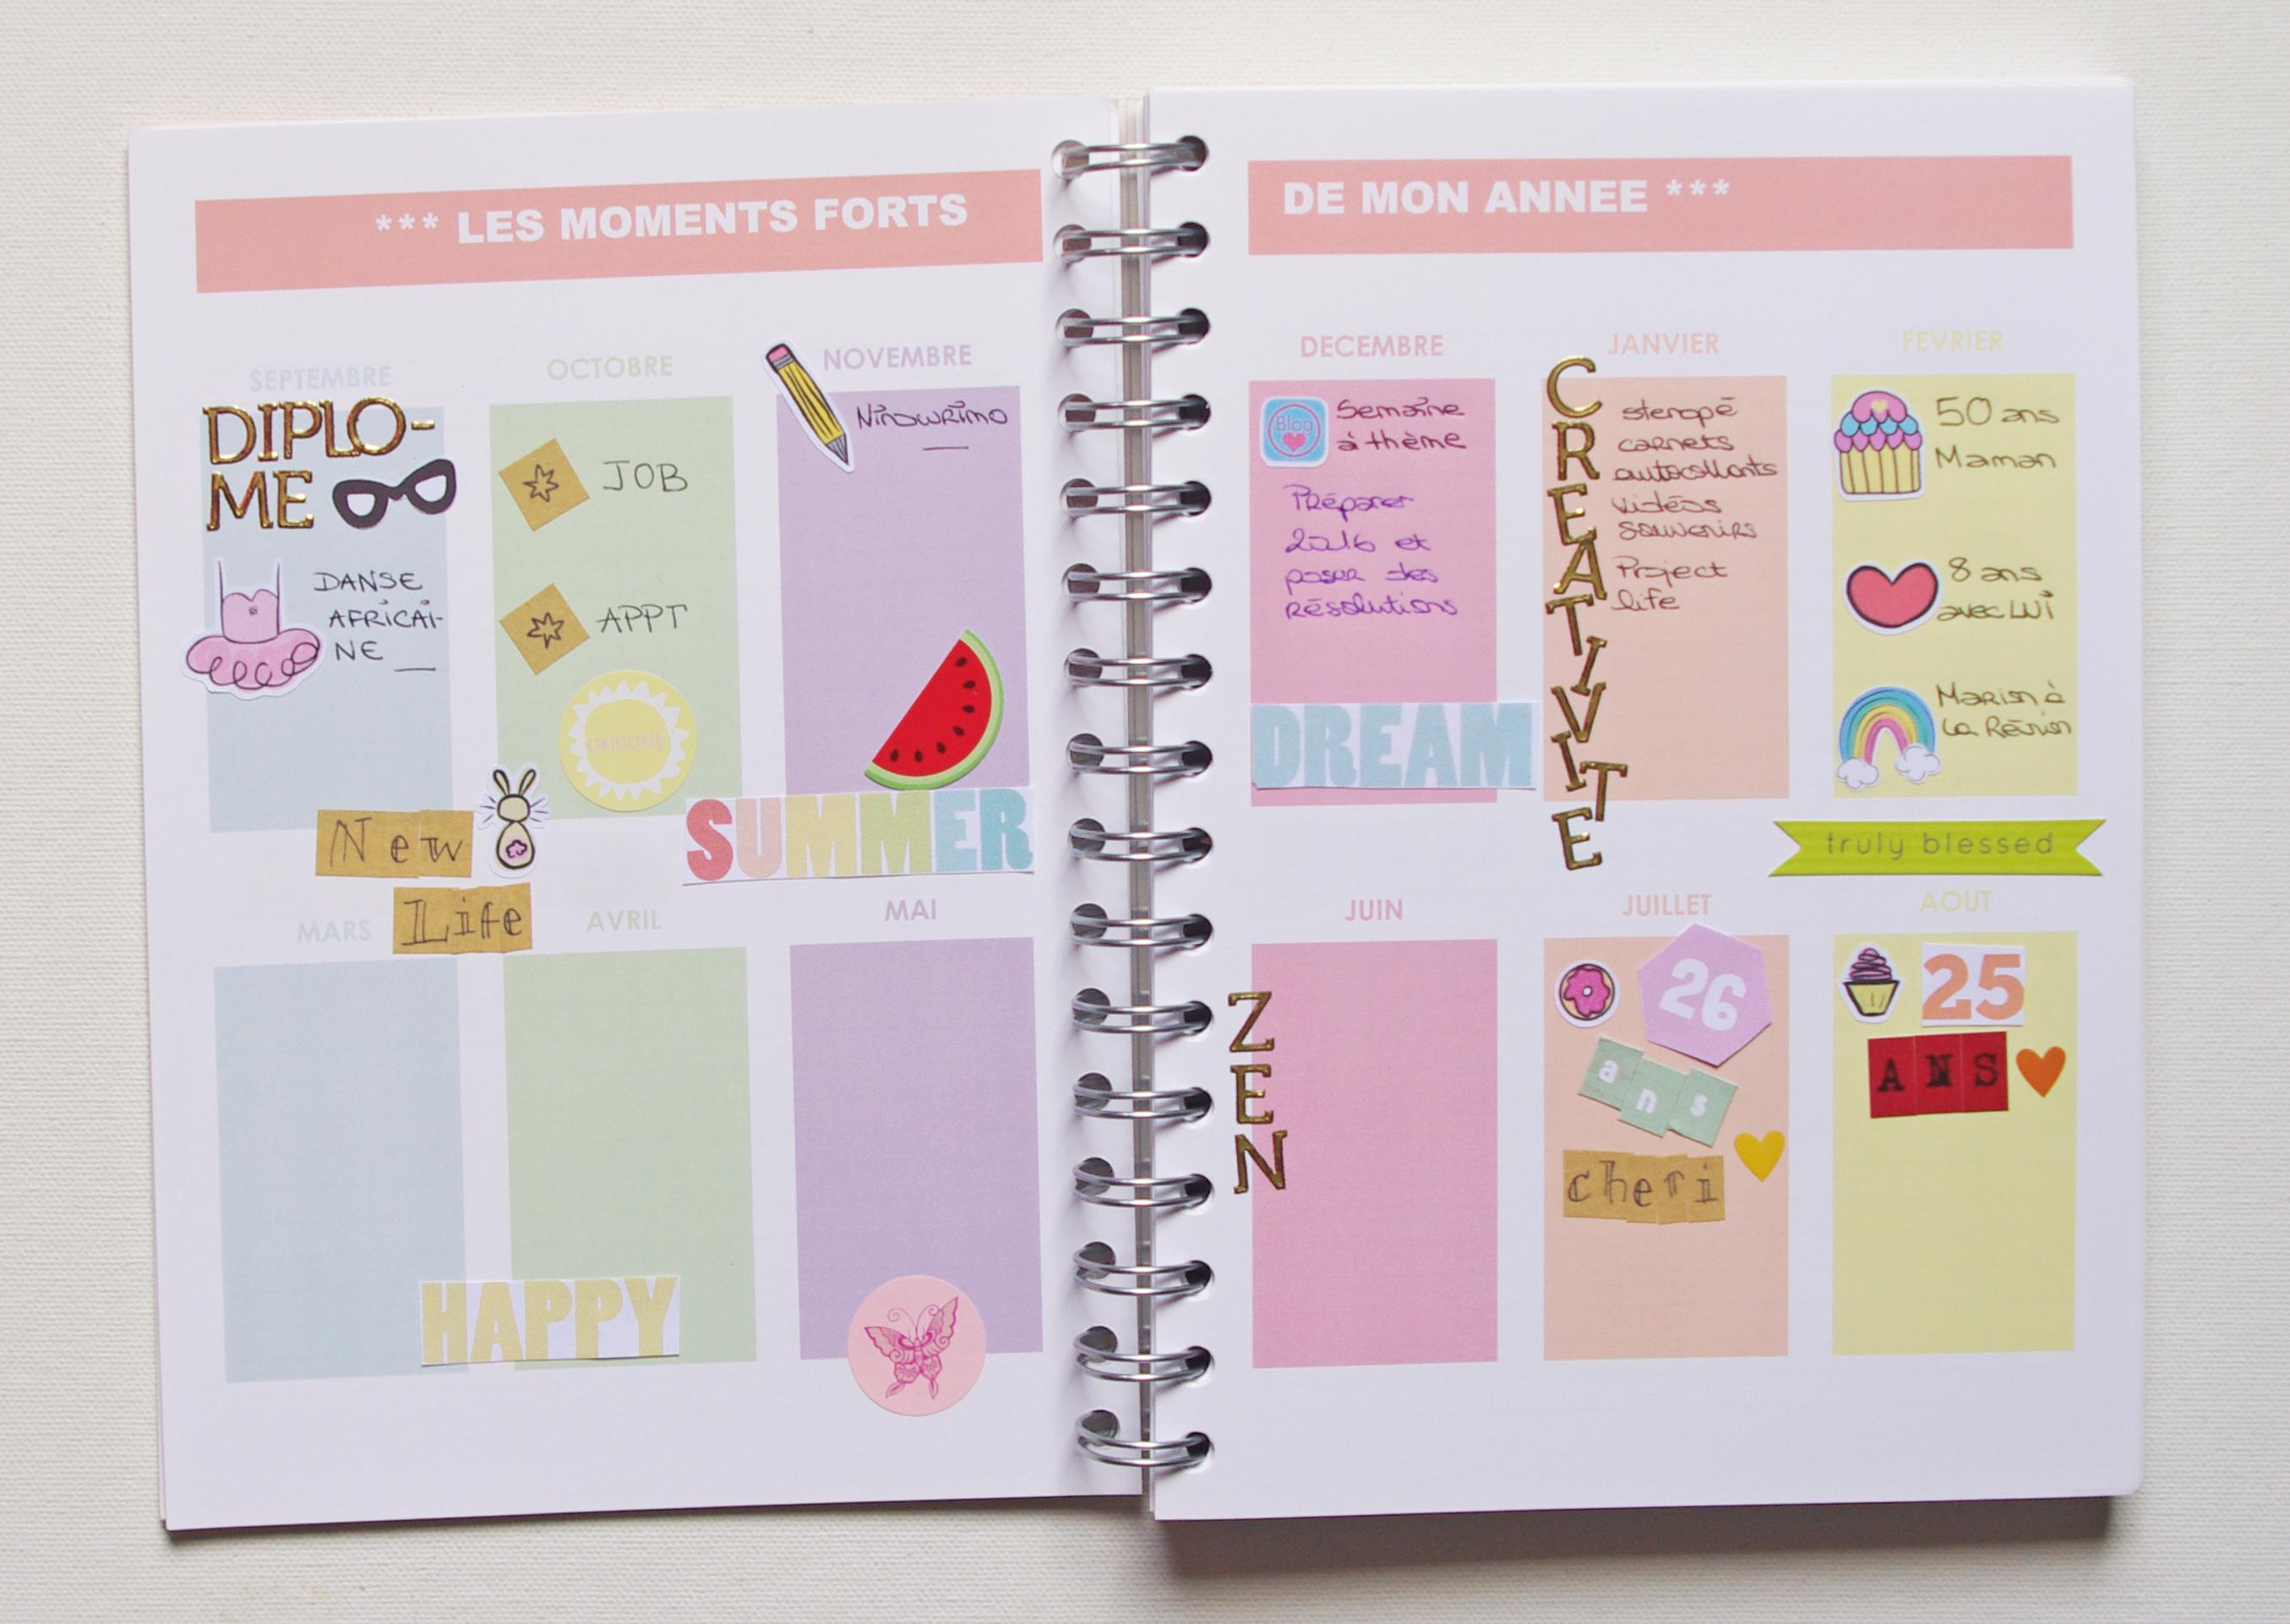 Mon organisation dans mon agenda maison sous mon parasol - Organisation maison planning ...